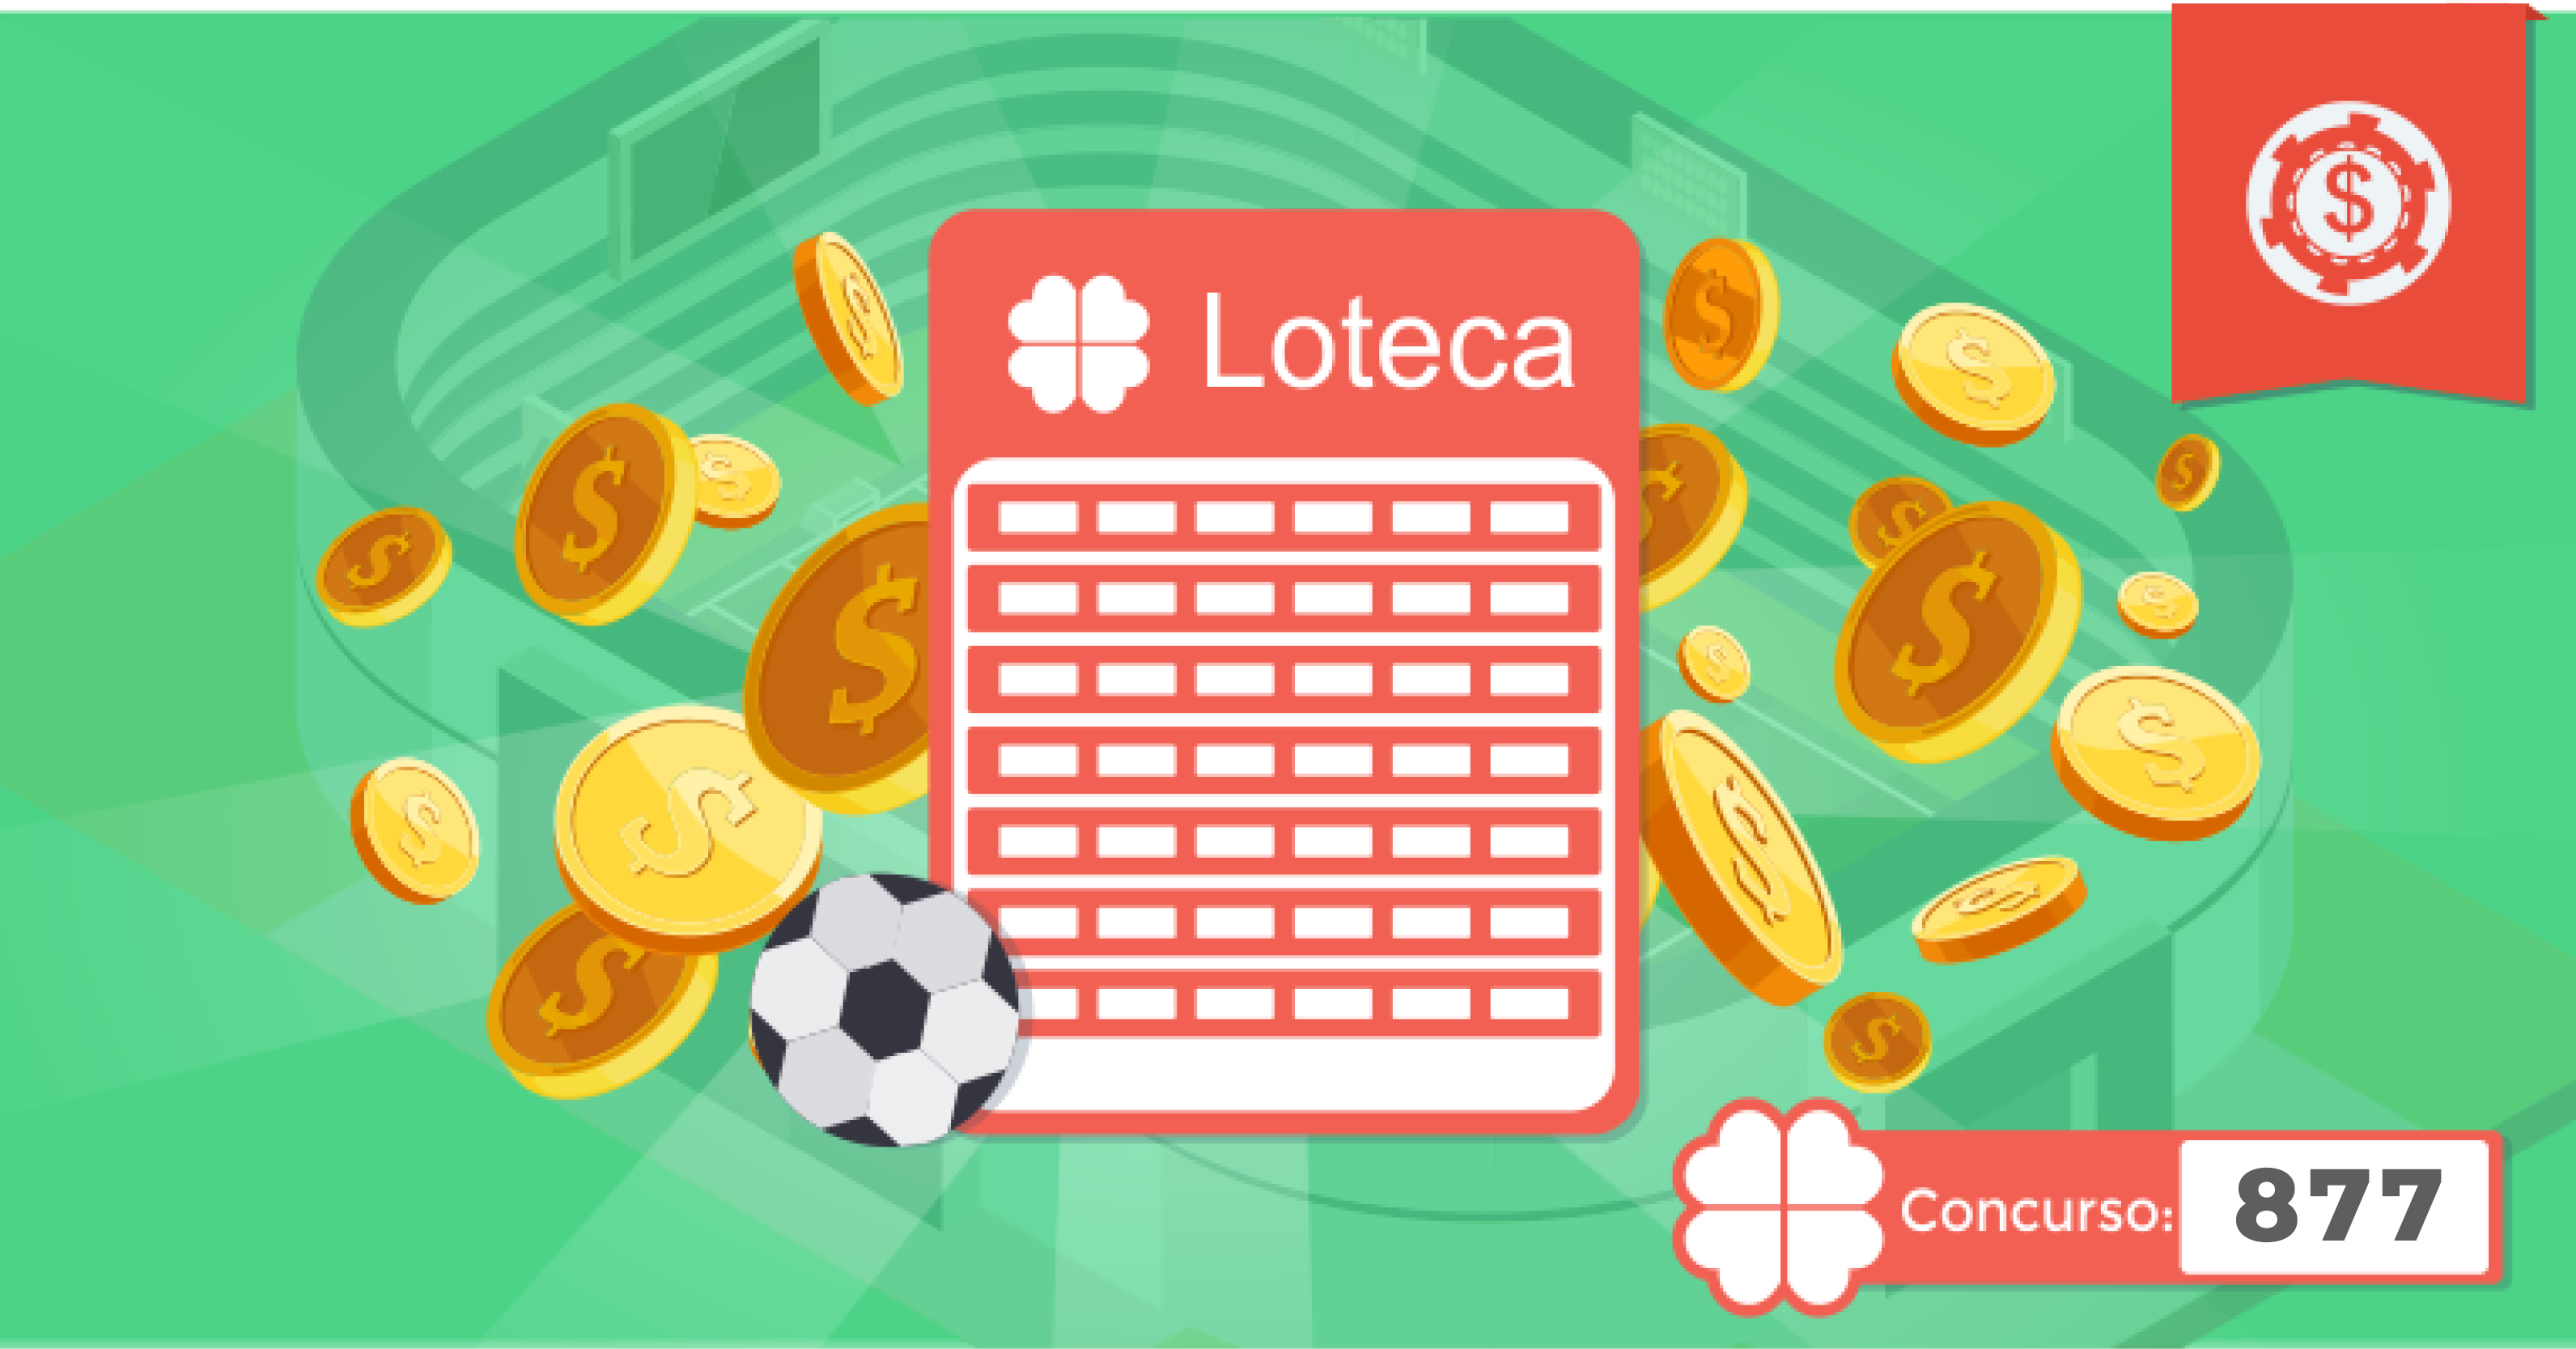 palpites-loteca-877-palpites-loteca-semana